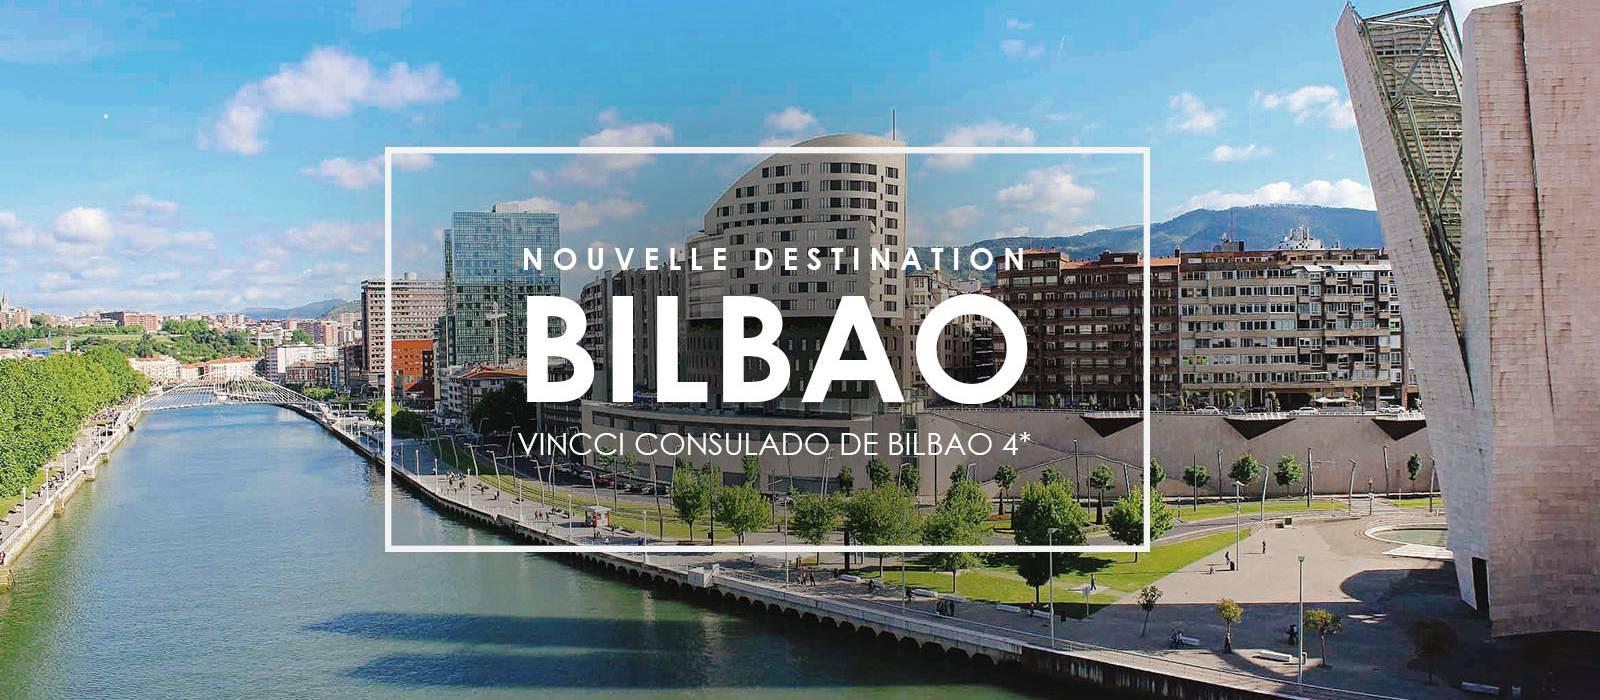 Apertura Bilbao FR - Vincci Consulado de Bilbao